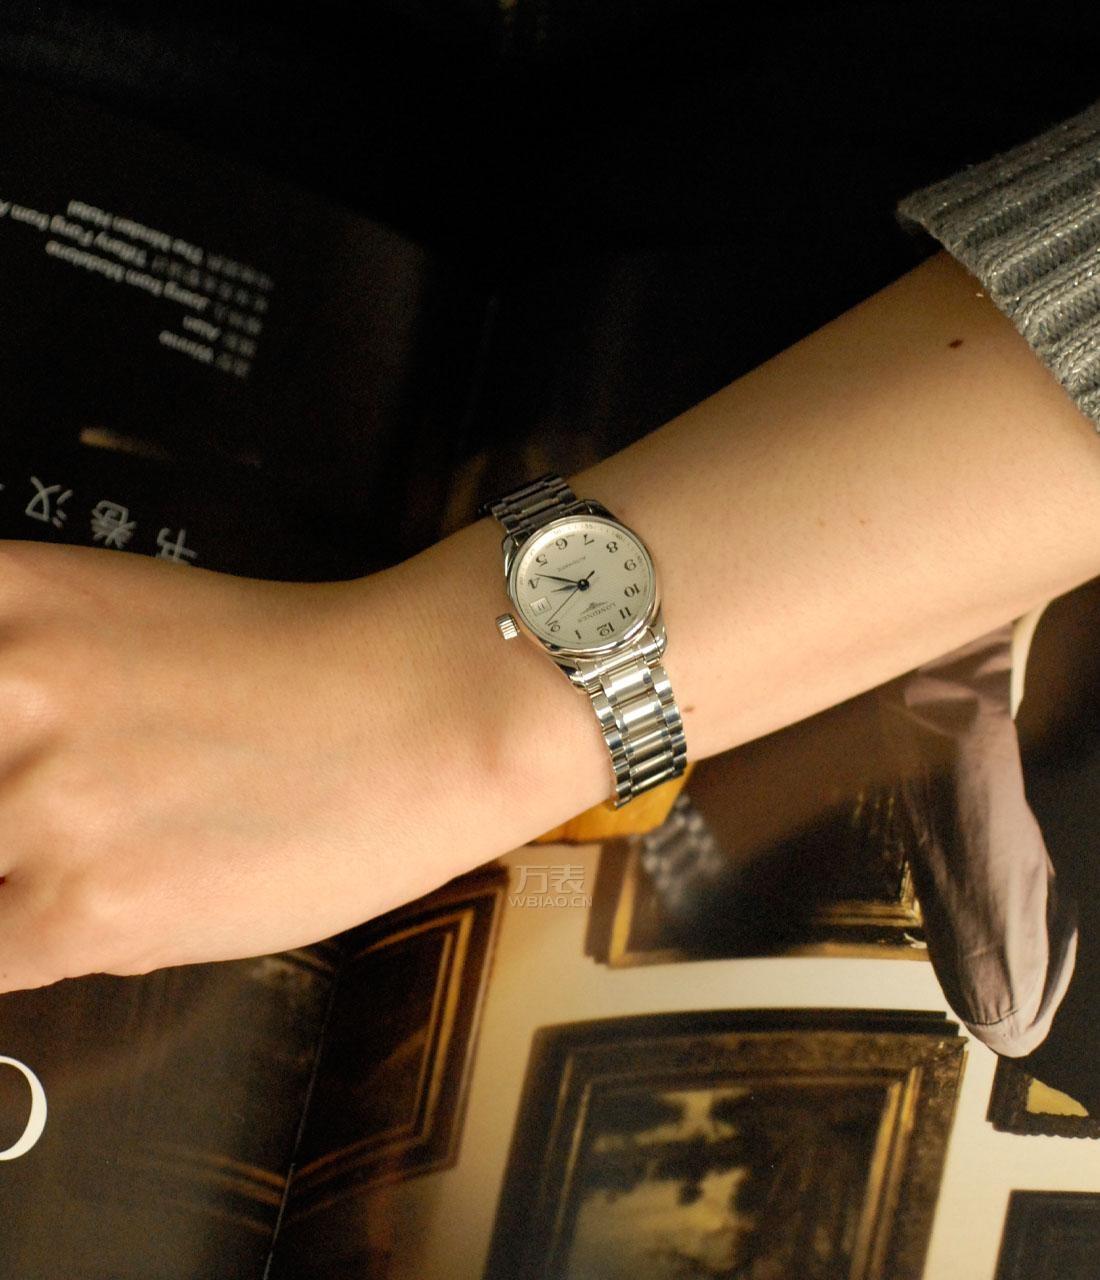 浪琴机械表误差标准是多少?如何调整浪琴手表误差?